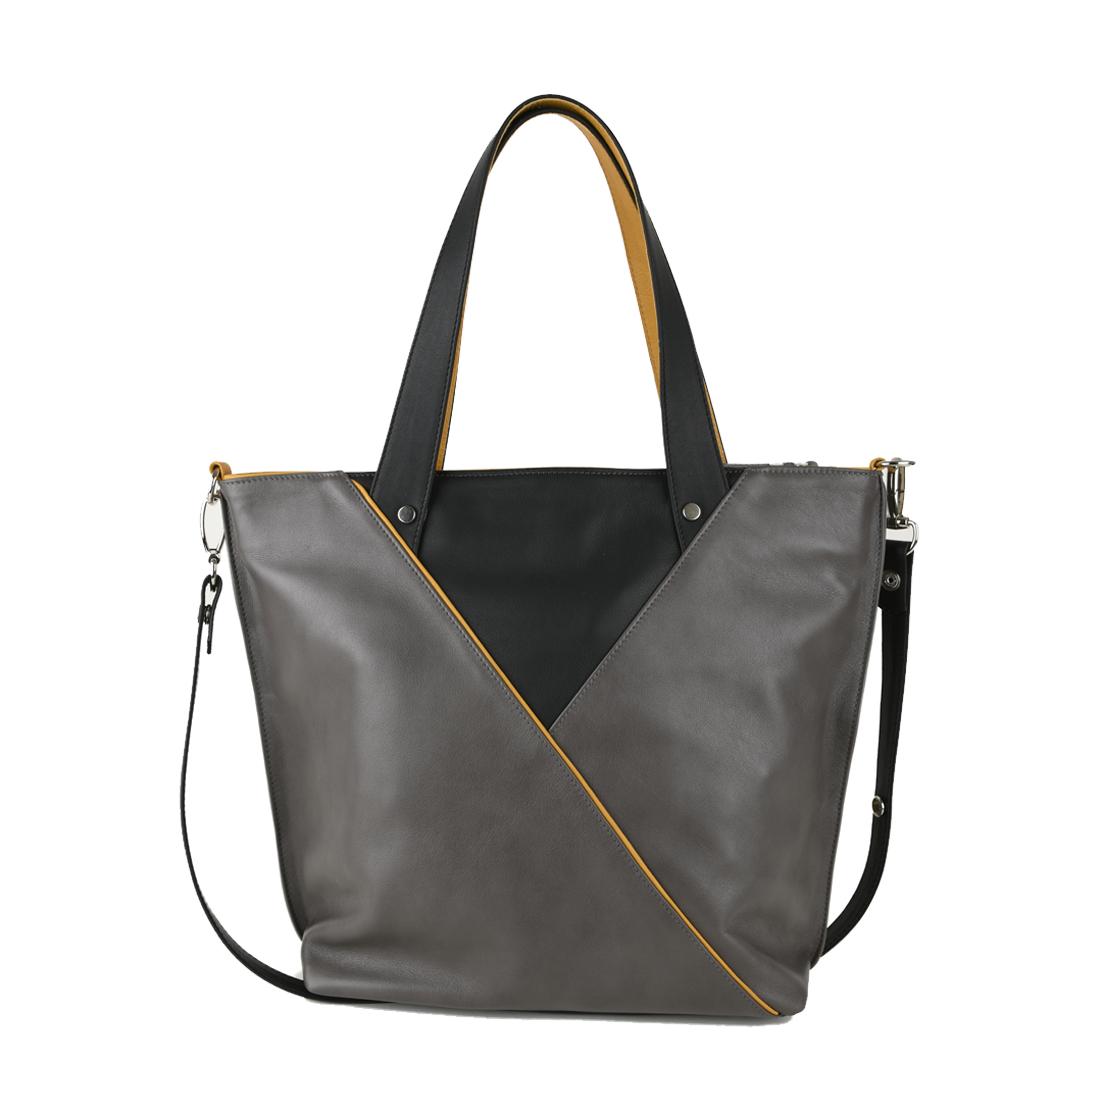 Amanda Leather Tote Bag in Grigio